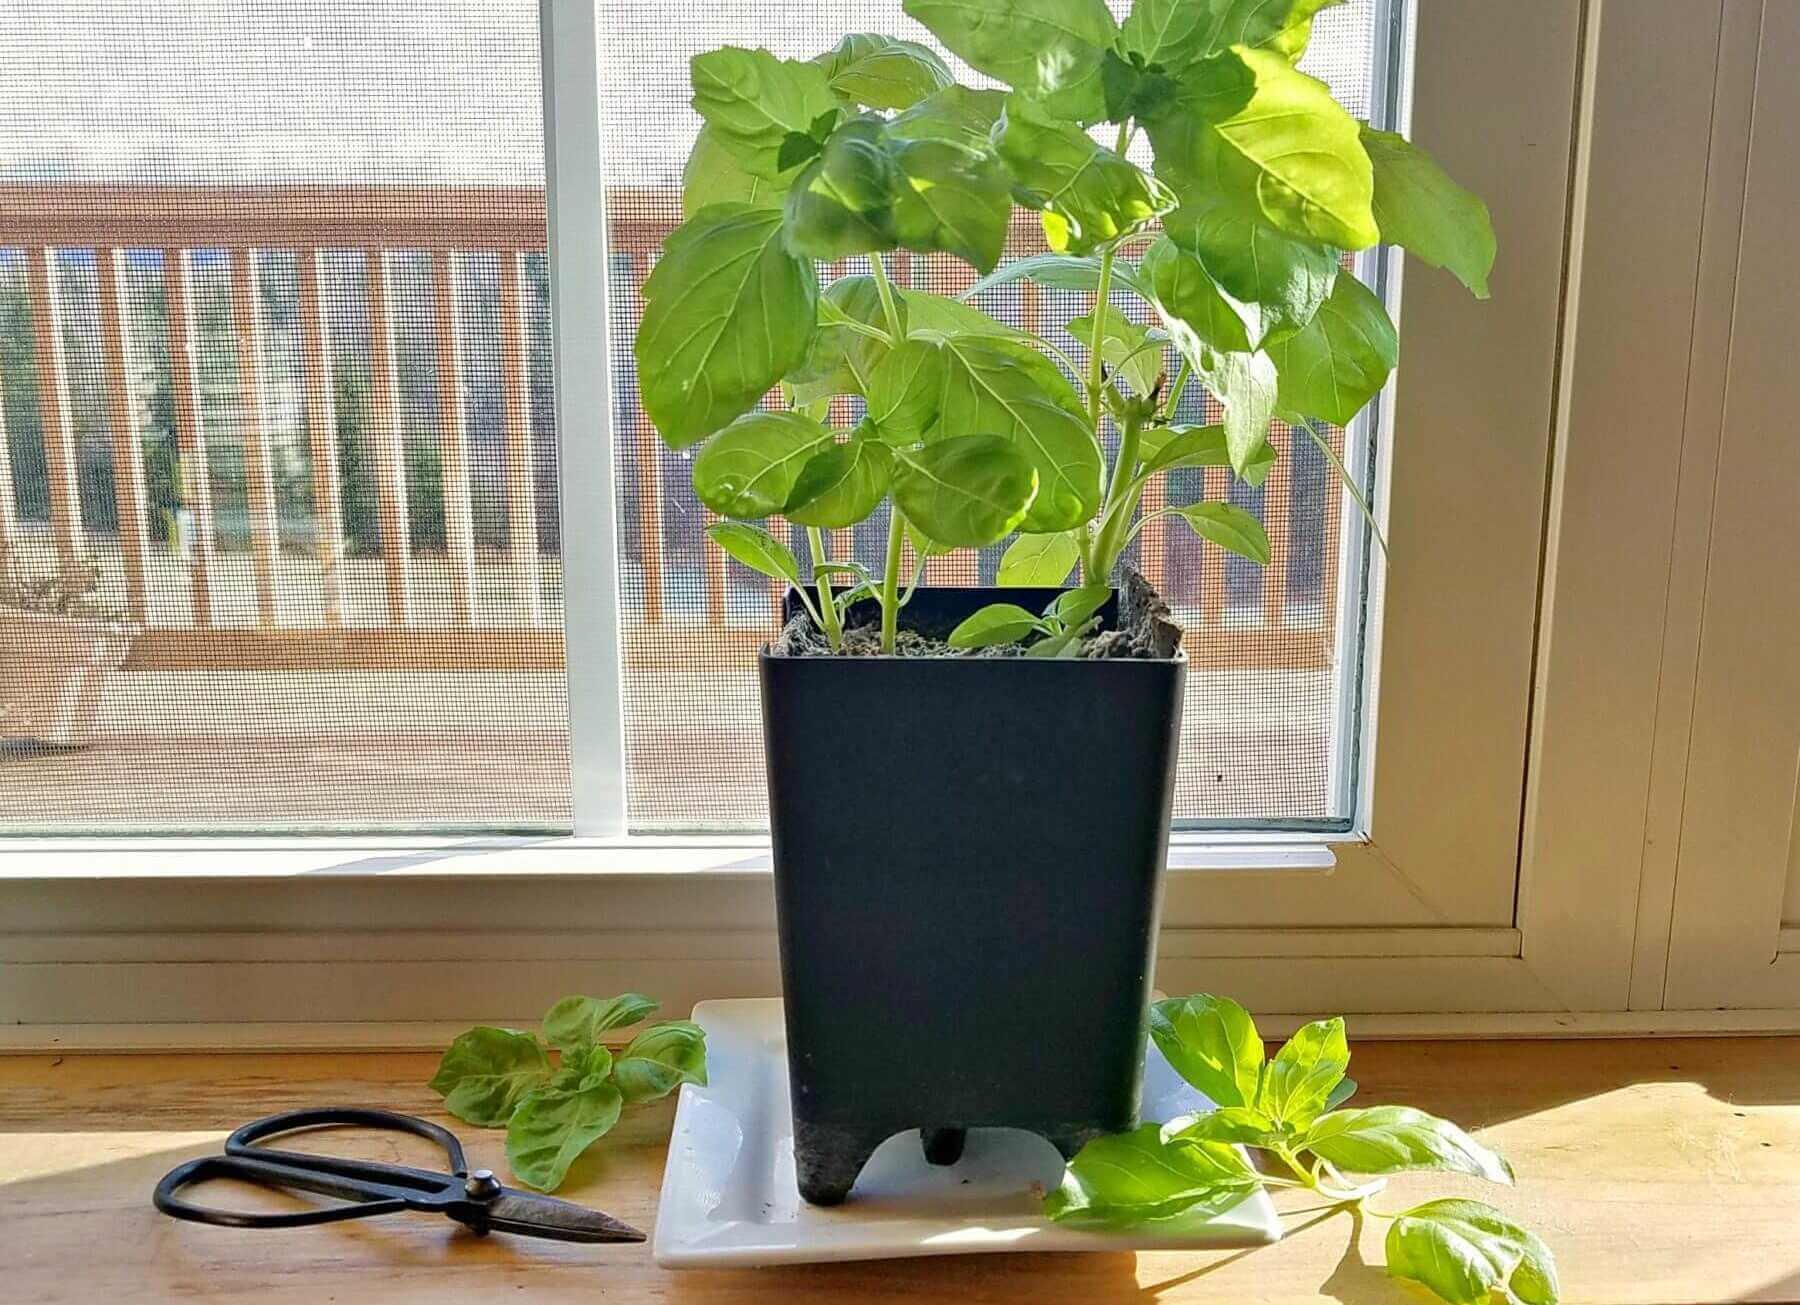 Herbs like growing indoors